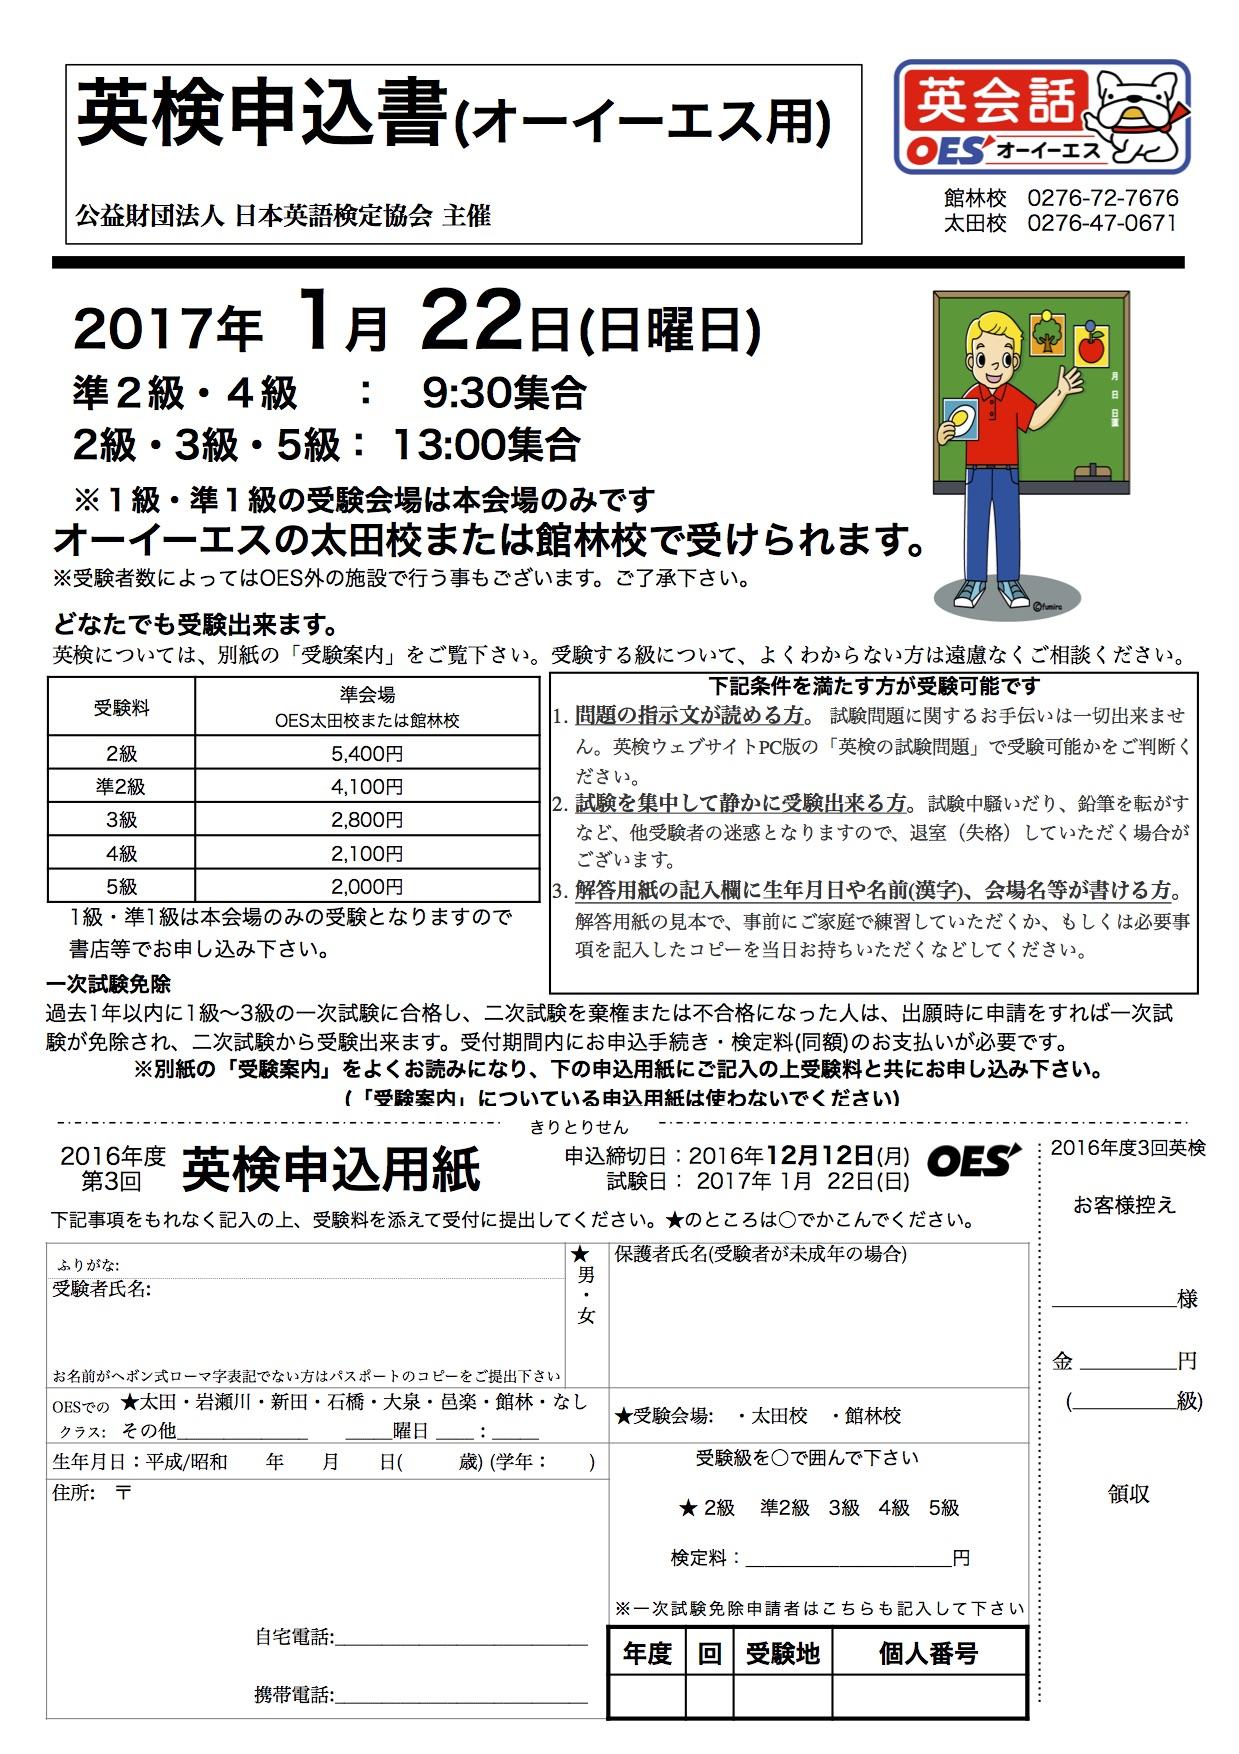 英検申込書201701